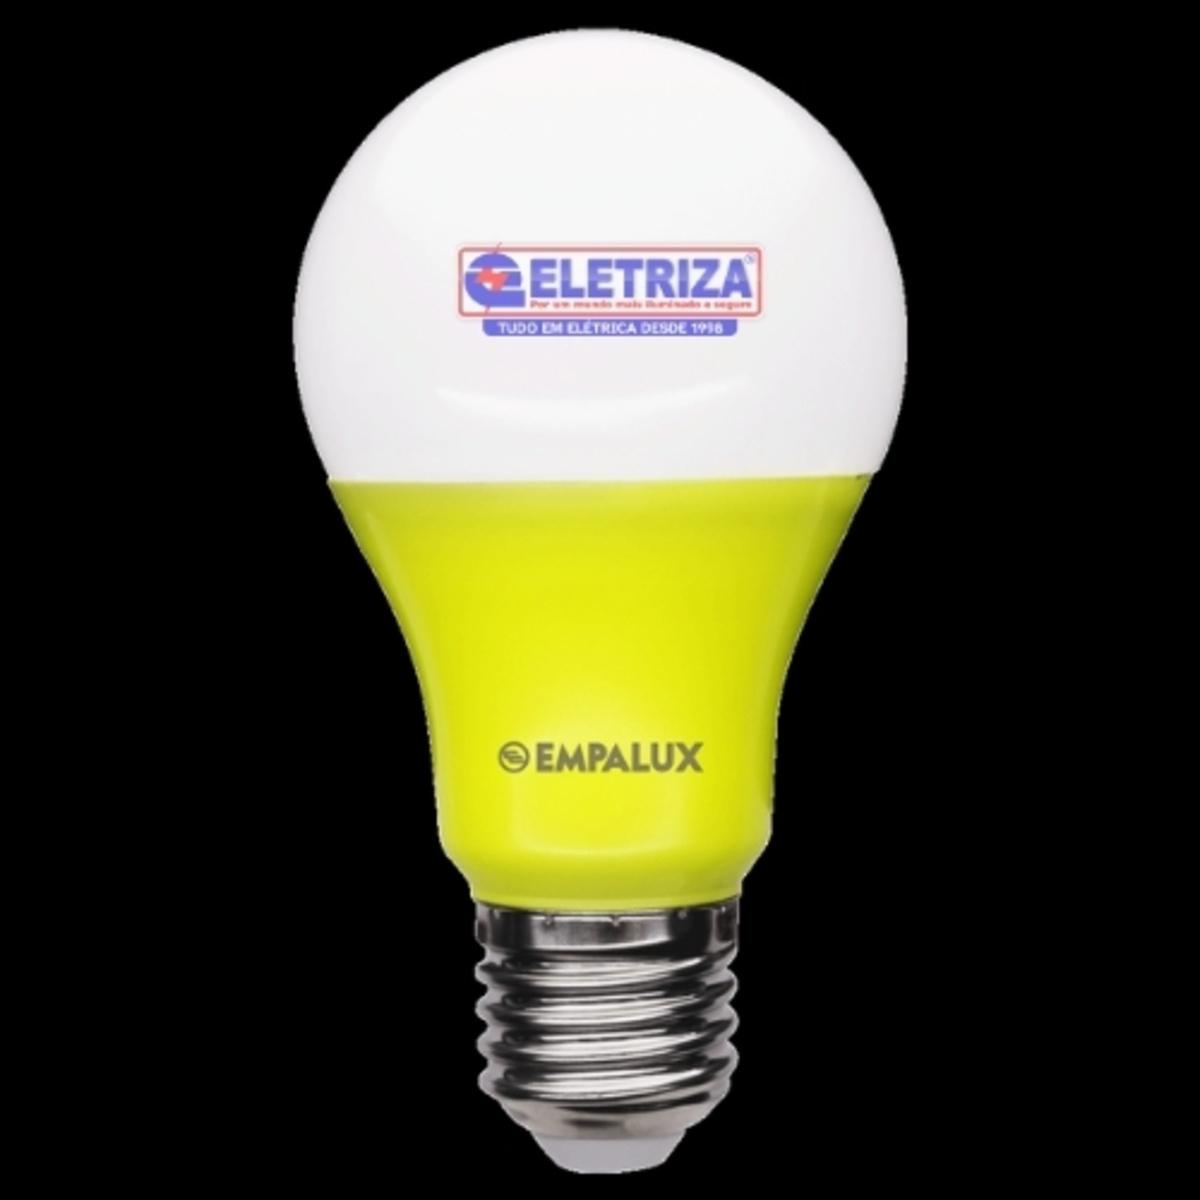 LAMPADA BULBO LED A60 ANTI INSETO 10W AMARELA  BIVOLT  - Lâmpada Bulbo LED Color 10W Bivolt Amarela E27 – AL10311 EMPALUX